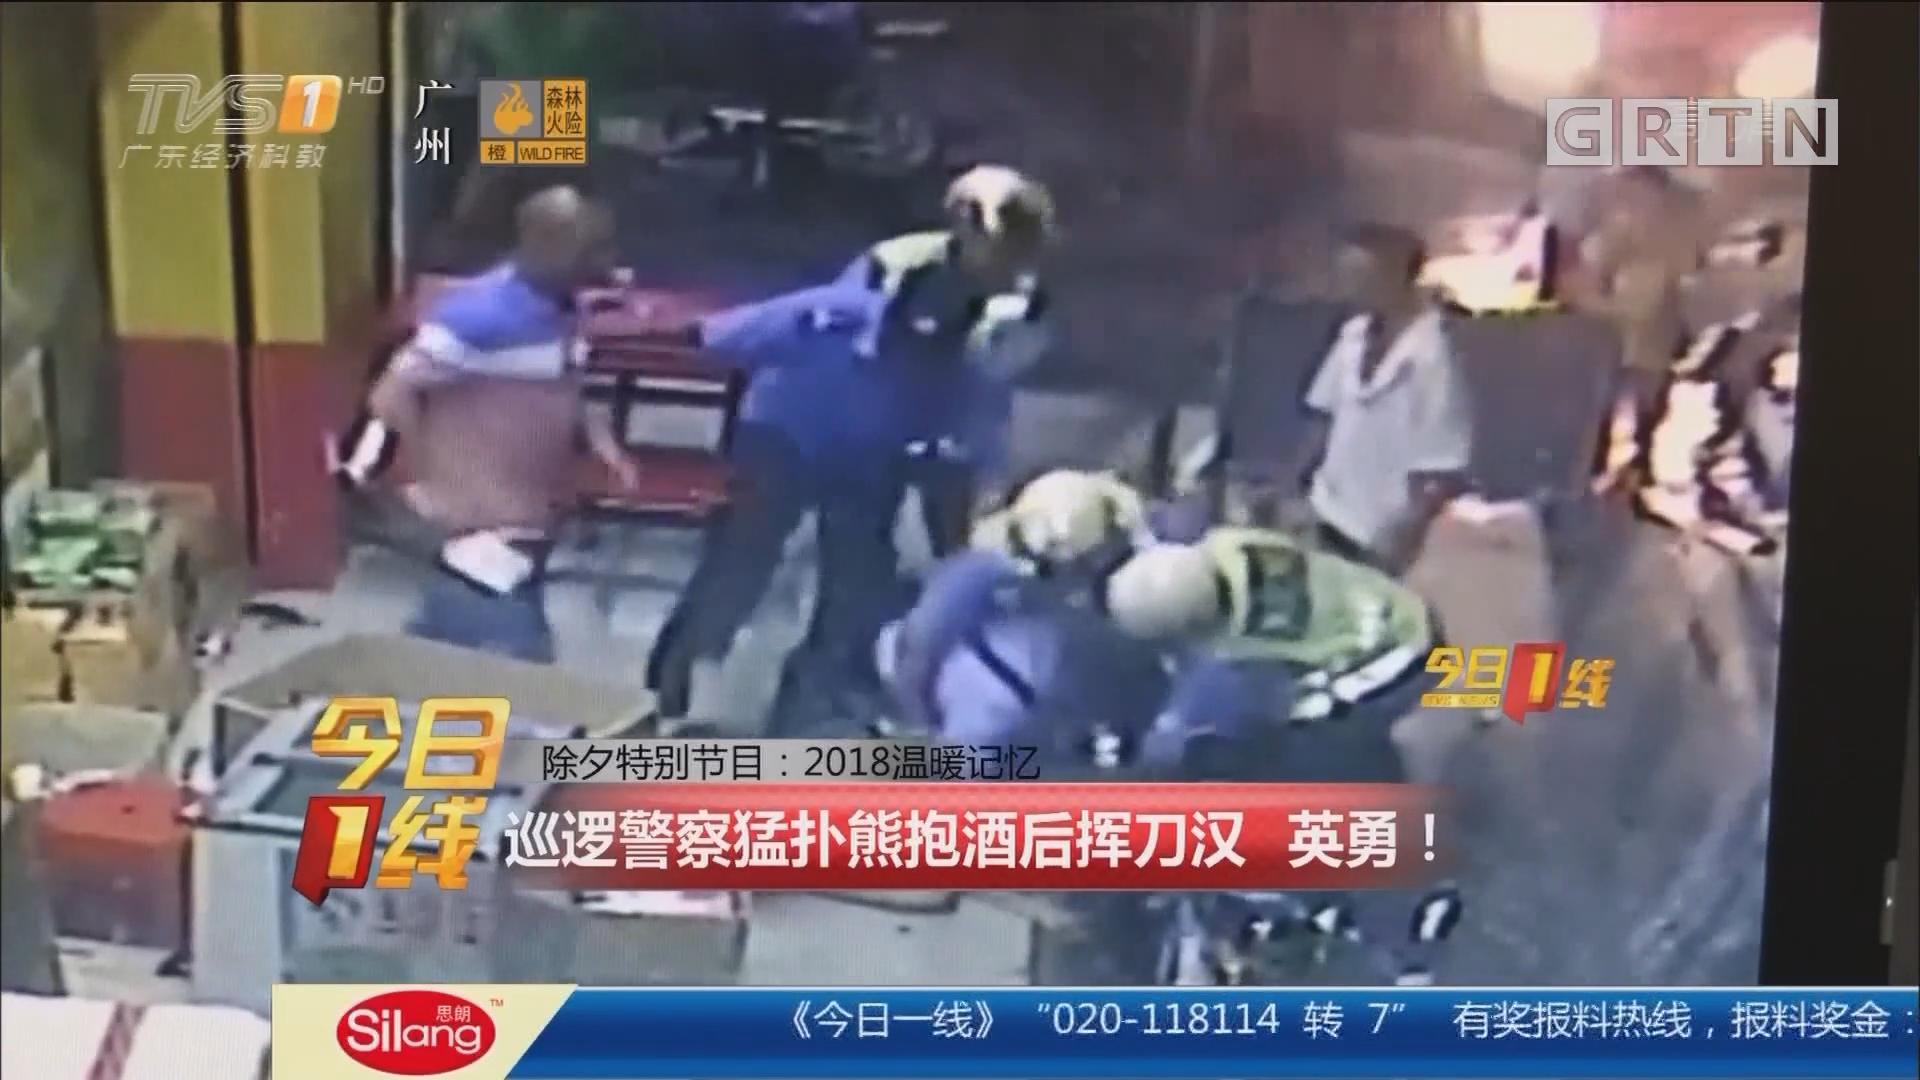 除夕特别节目:2018温暖记忆 巡逻警察猛扑熊抱酒后挥刀汉 英勇!